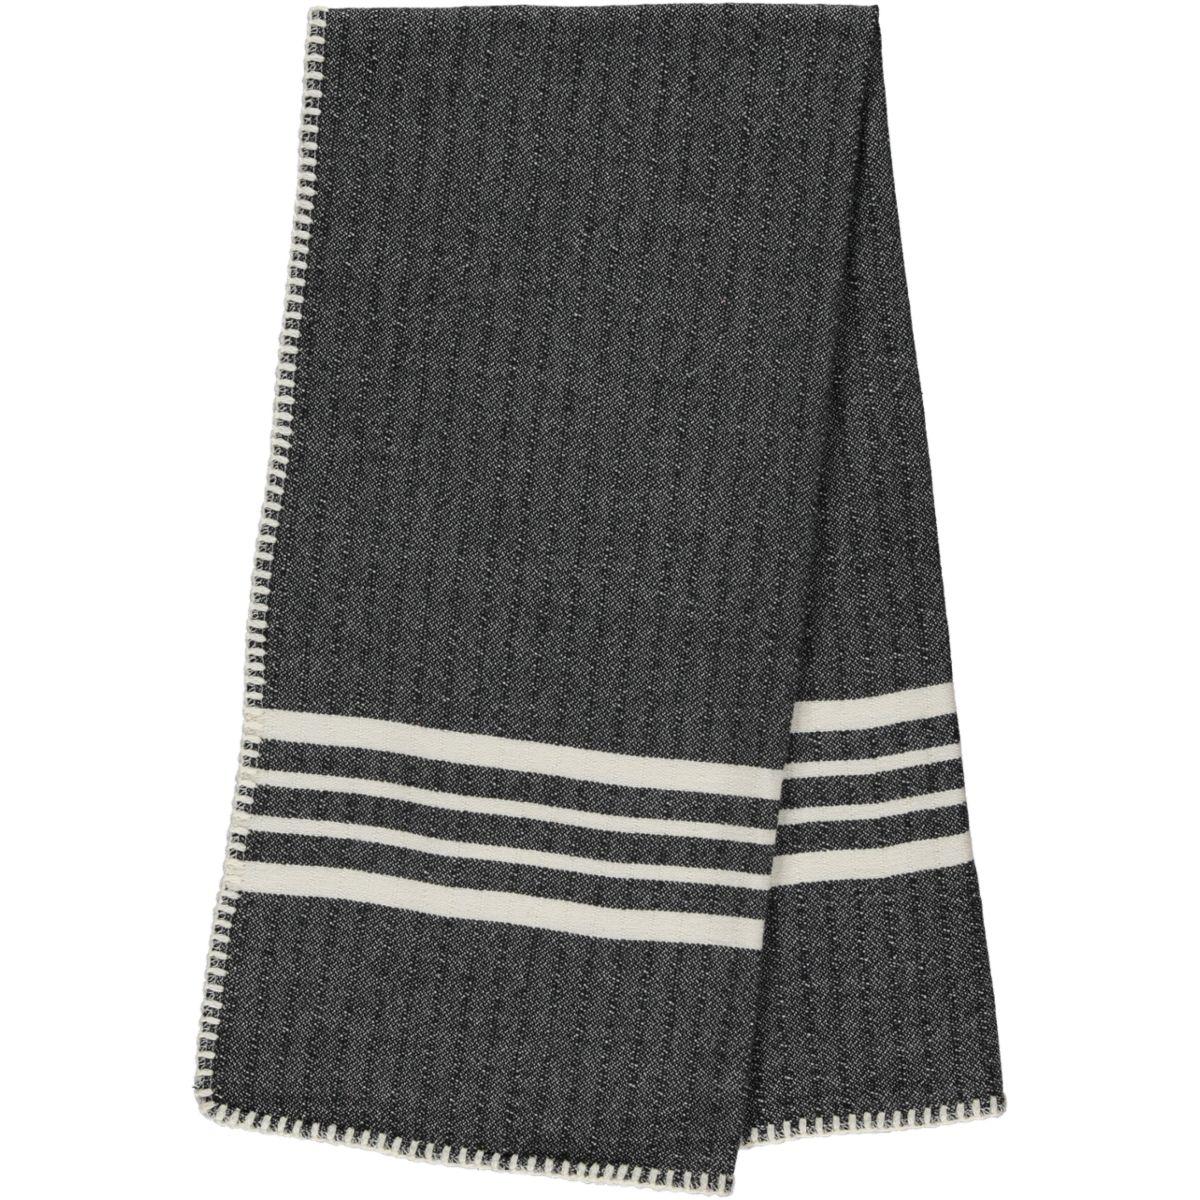 Peshtemal / Towel Sultan - Stitched / Black